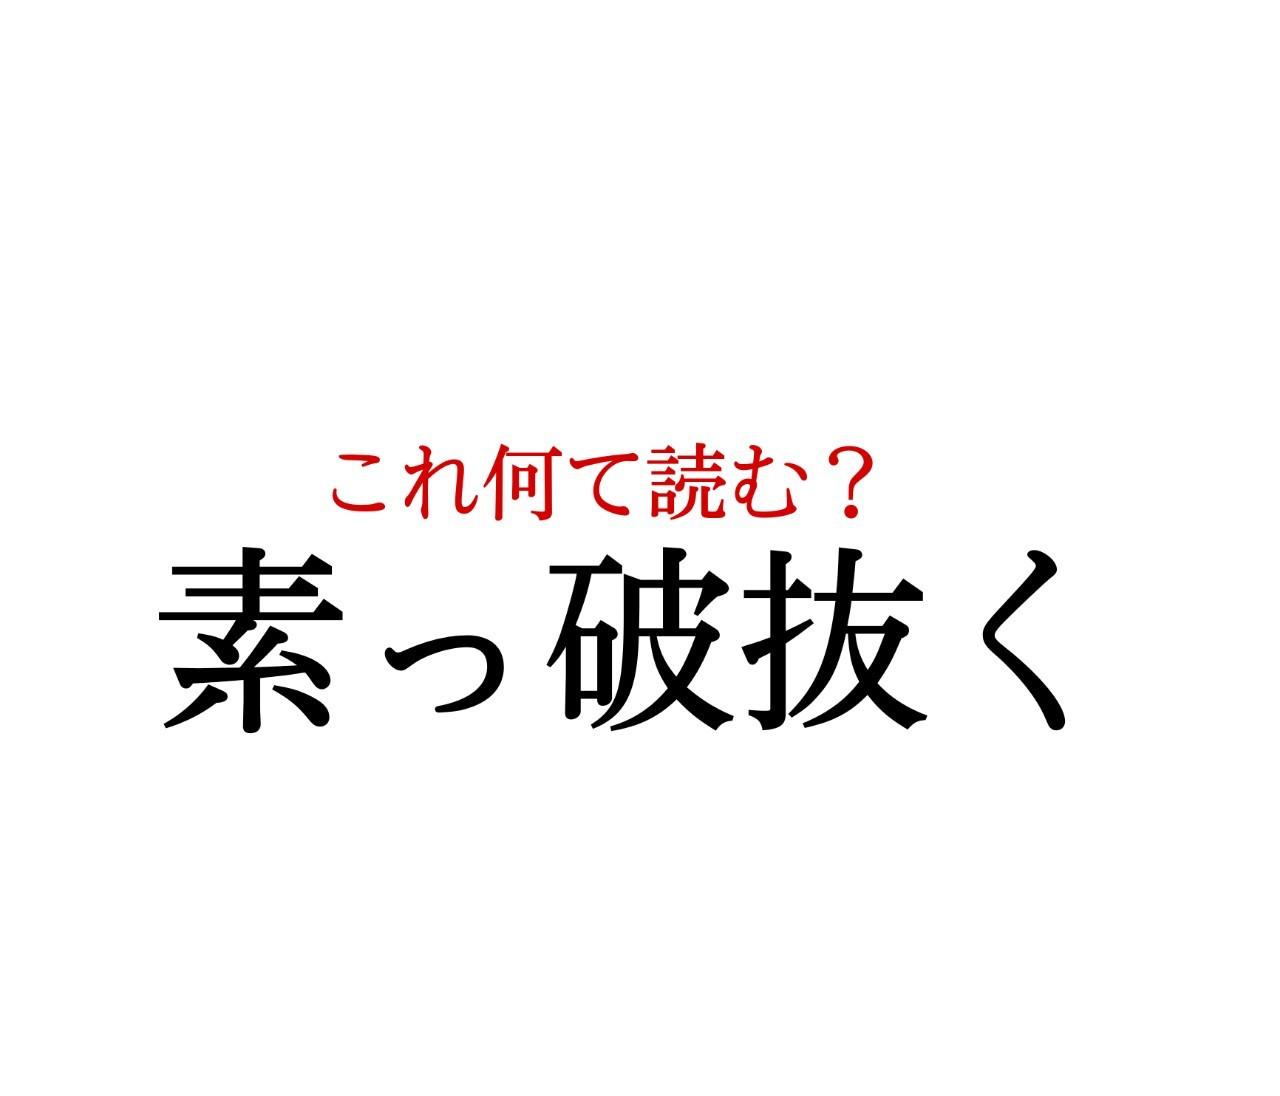 「素っ破抜く」:この漢字、自信を持って読めますか?【働く大人の漢字クイズvol.196】